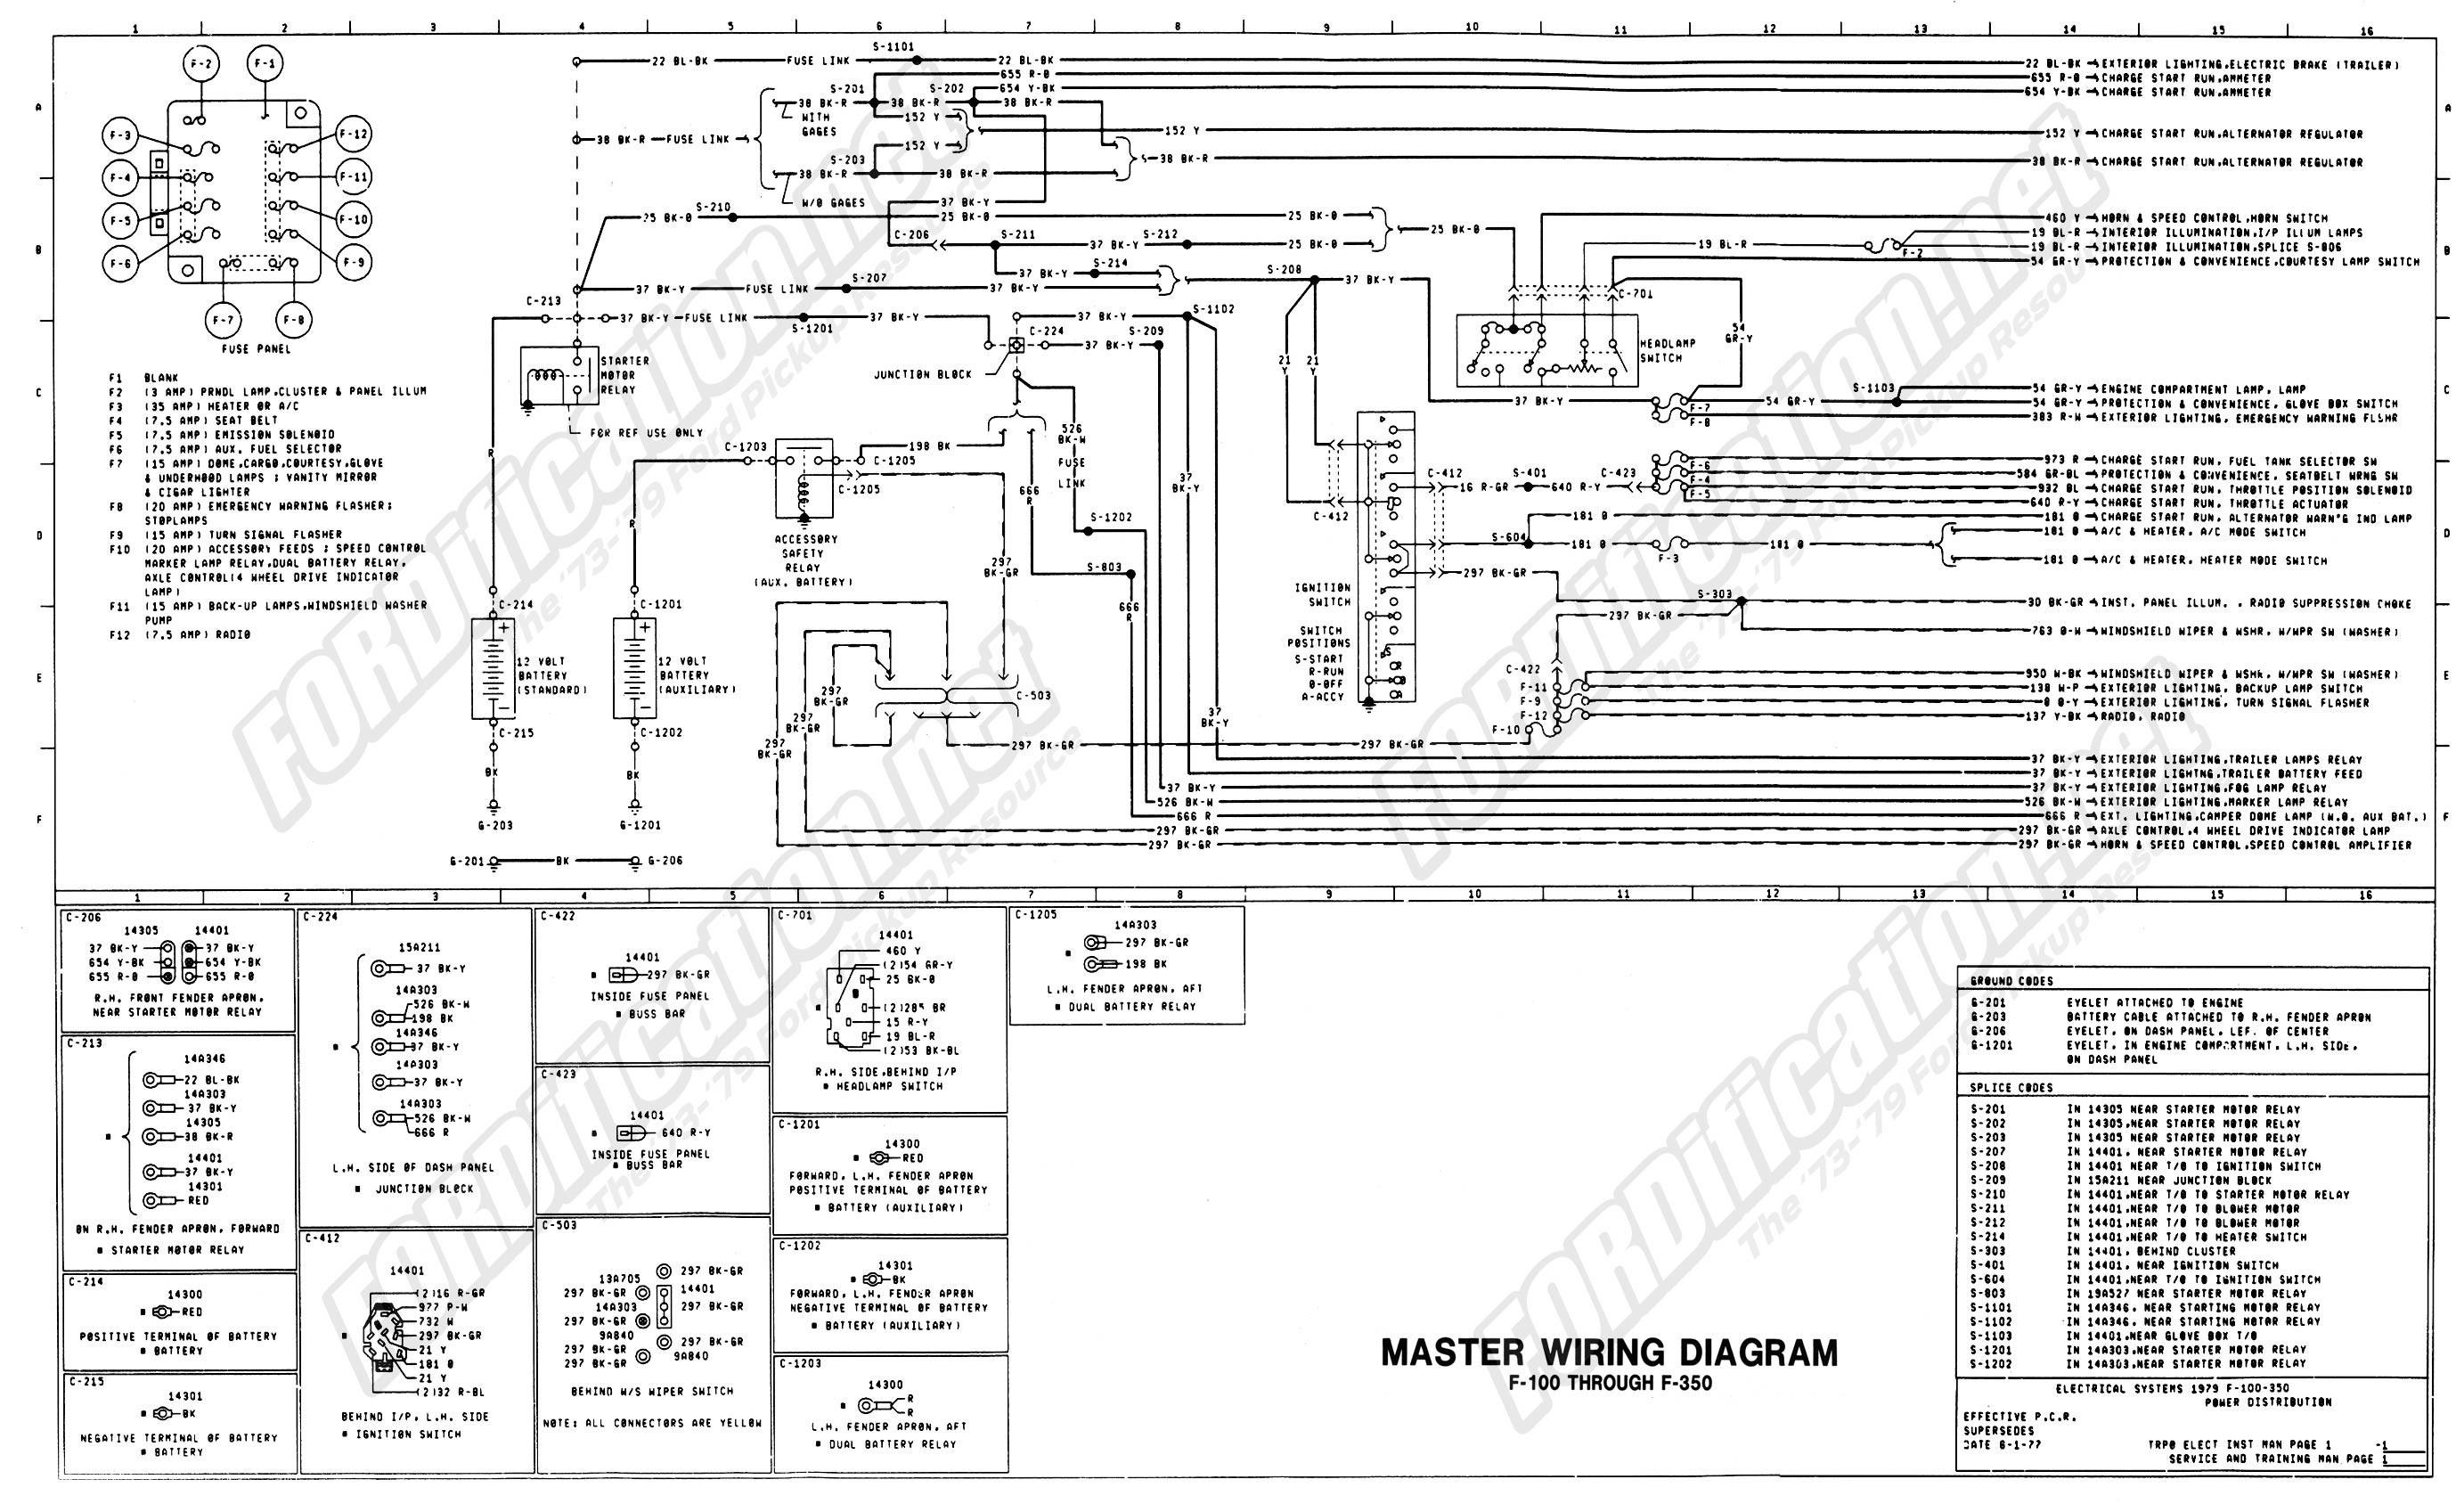 Ford 460 Engine Wiring Diagram ford 460 Marine Engine Diagram Wiring Diagrams Site Of Ford 460 Engine Wiring Diagram